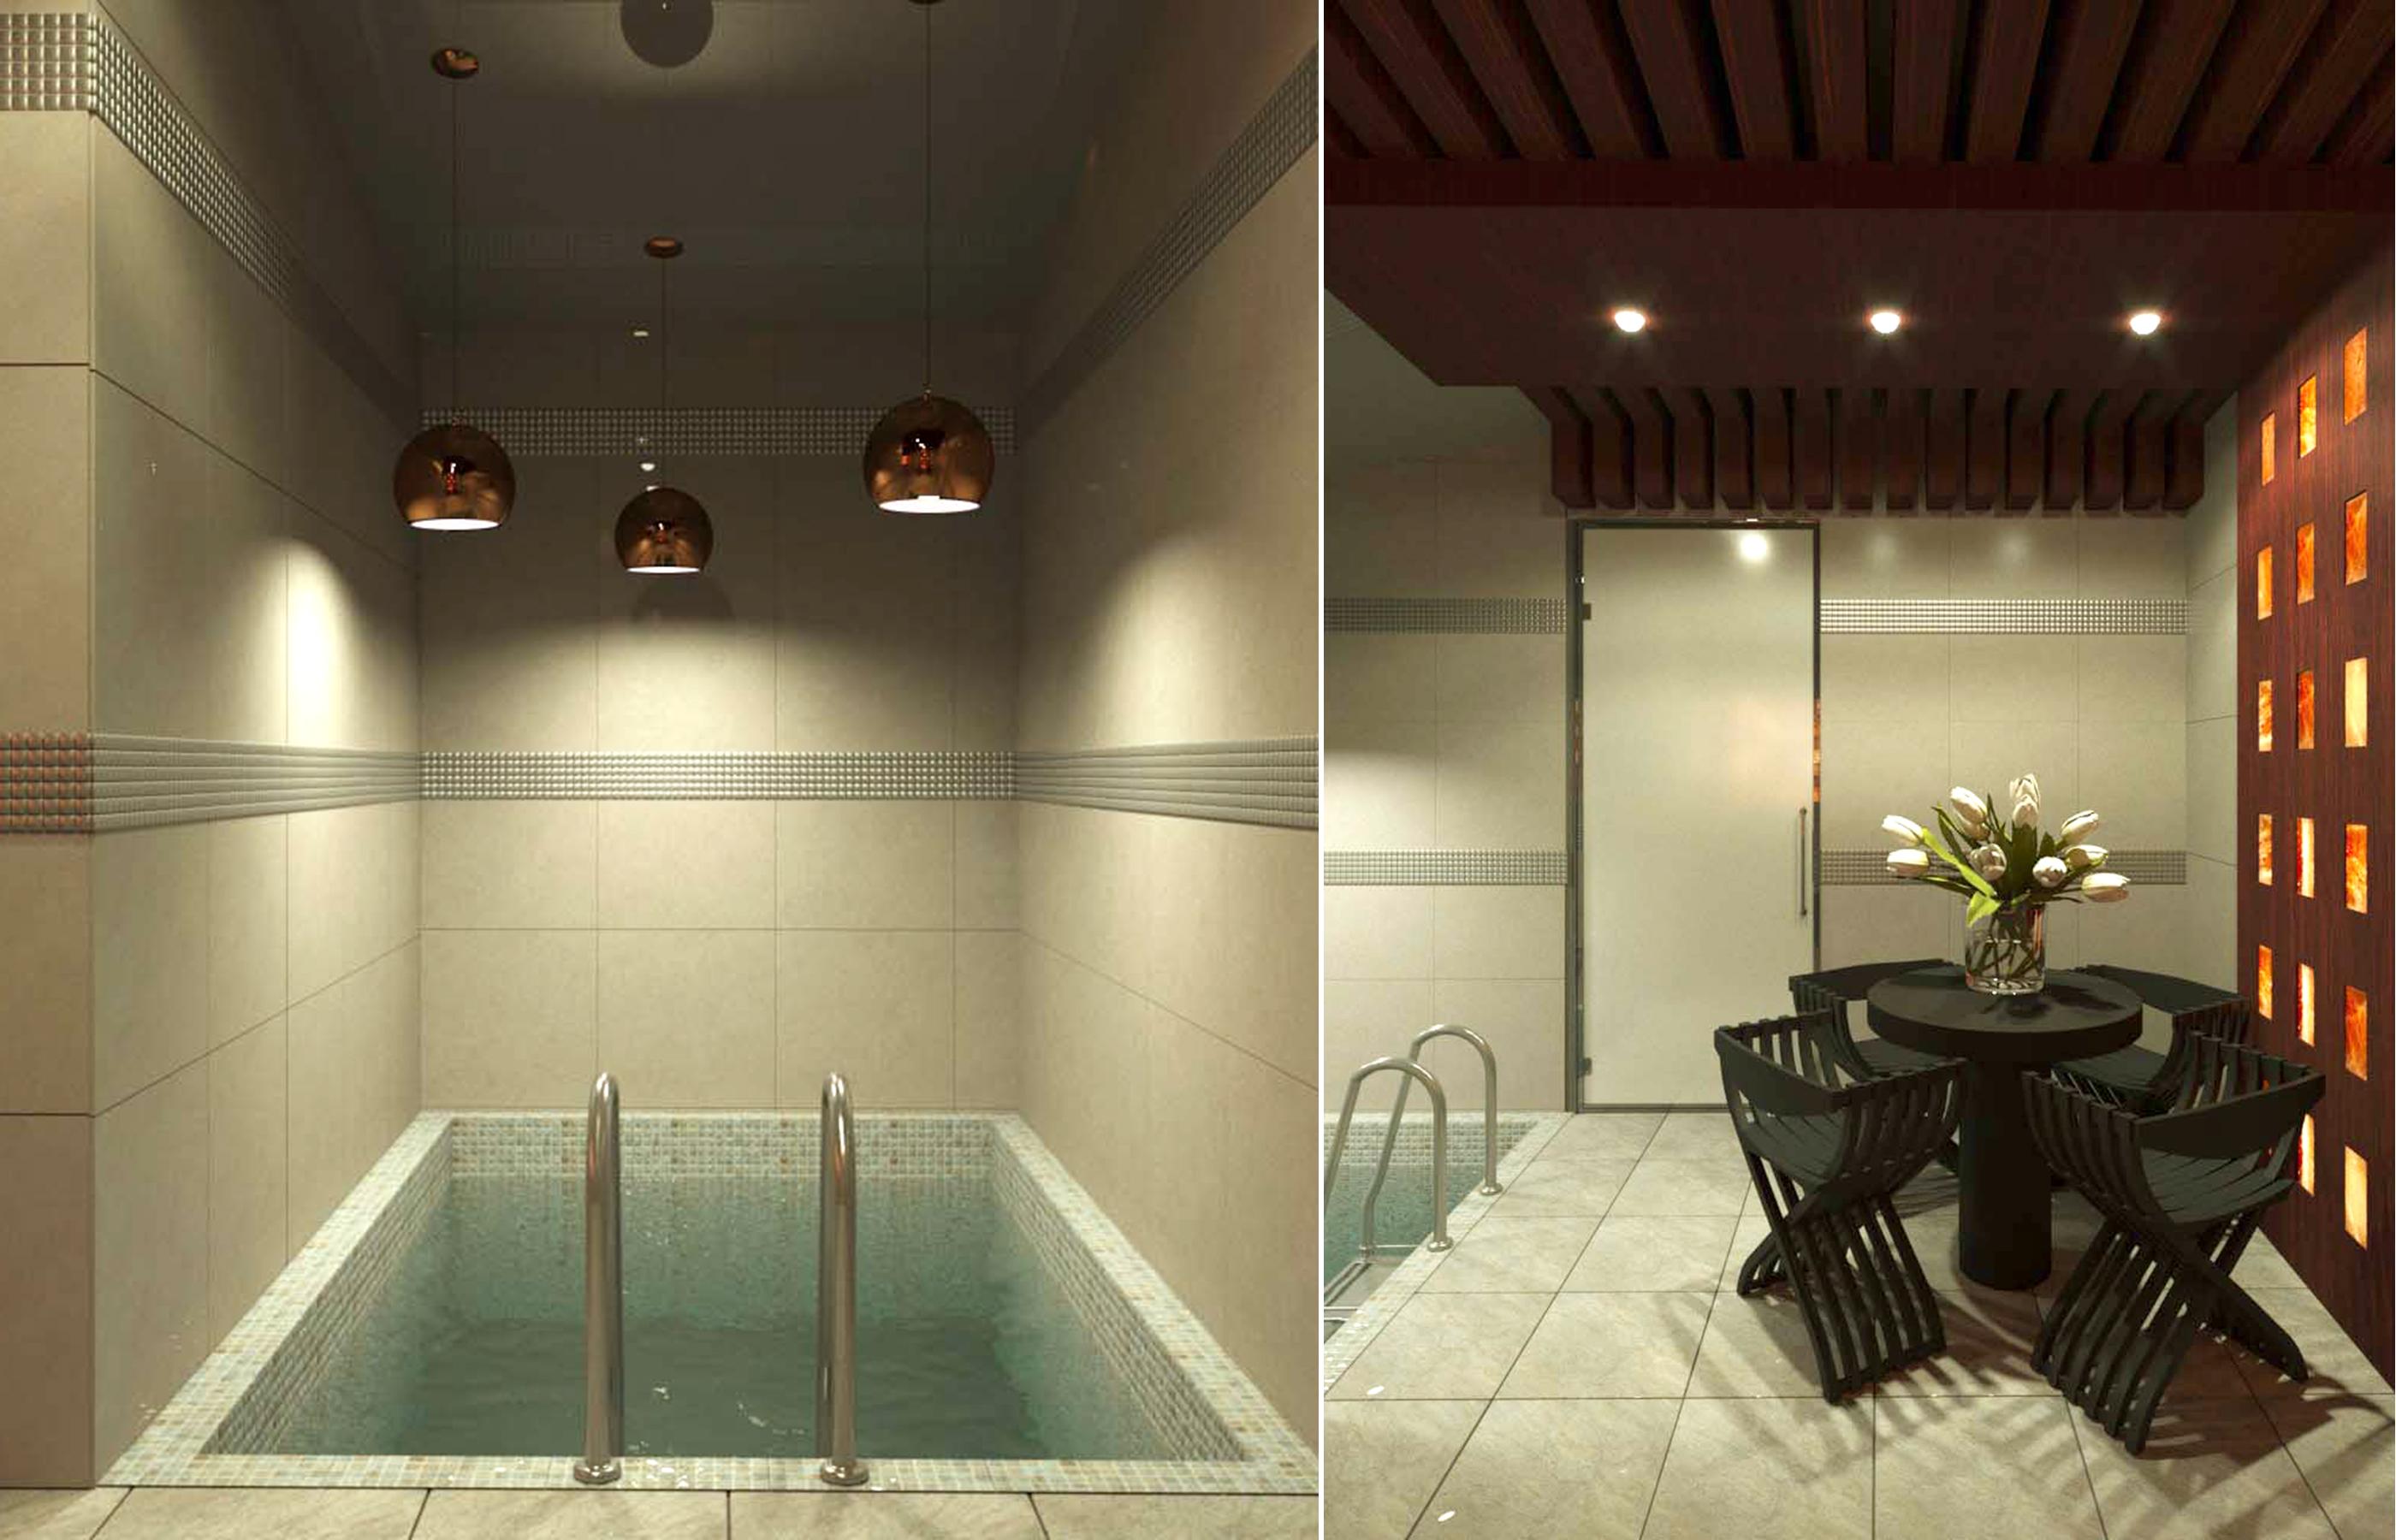 Дизайн интерьера банного комплекса с мини бассейном